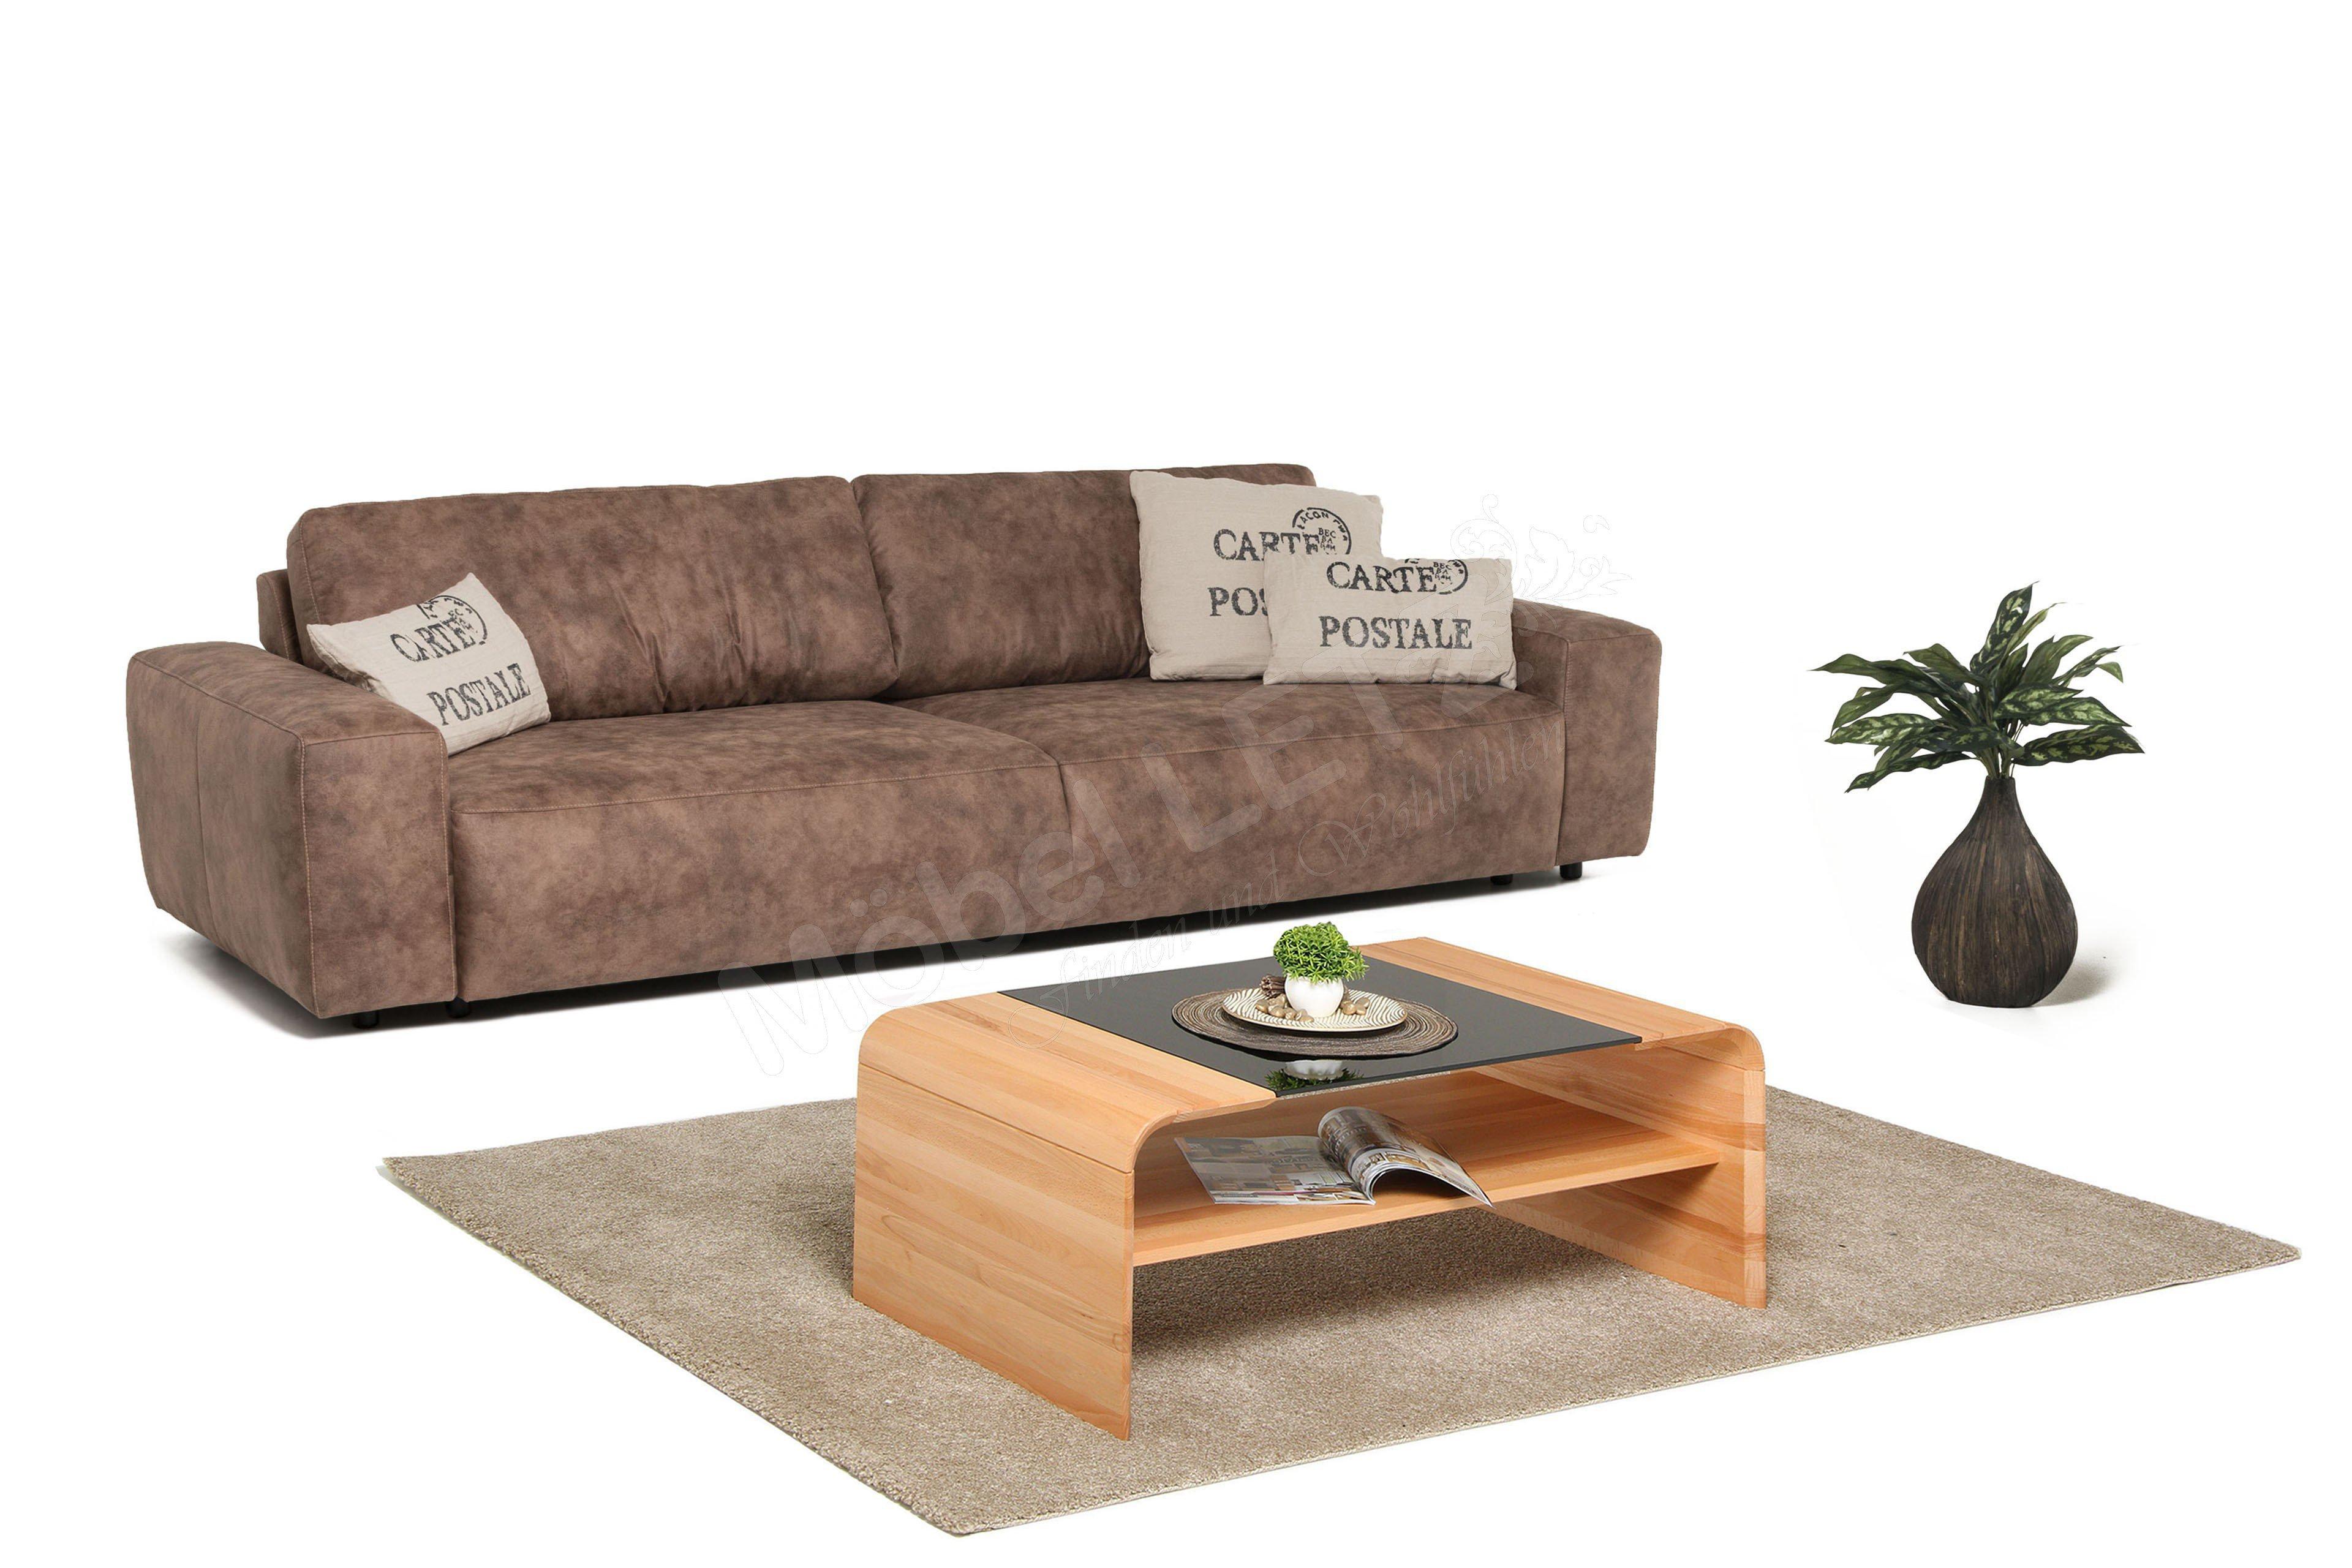 Awesome Möbel Kröger Online Shop Ideas - Kosherelsalvador.com ...